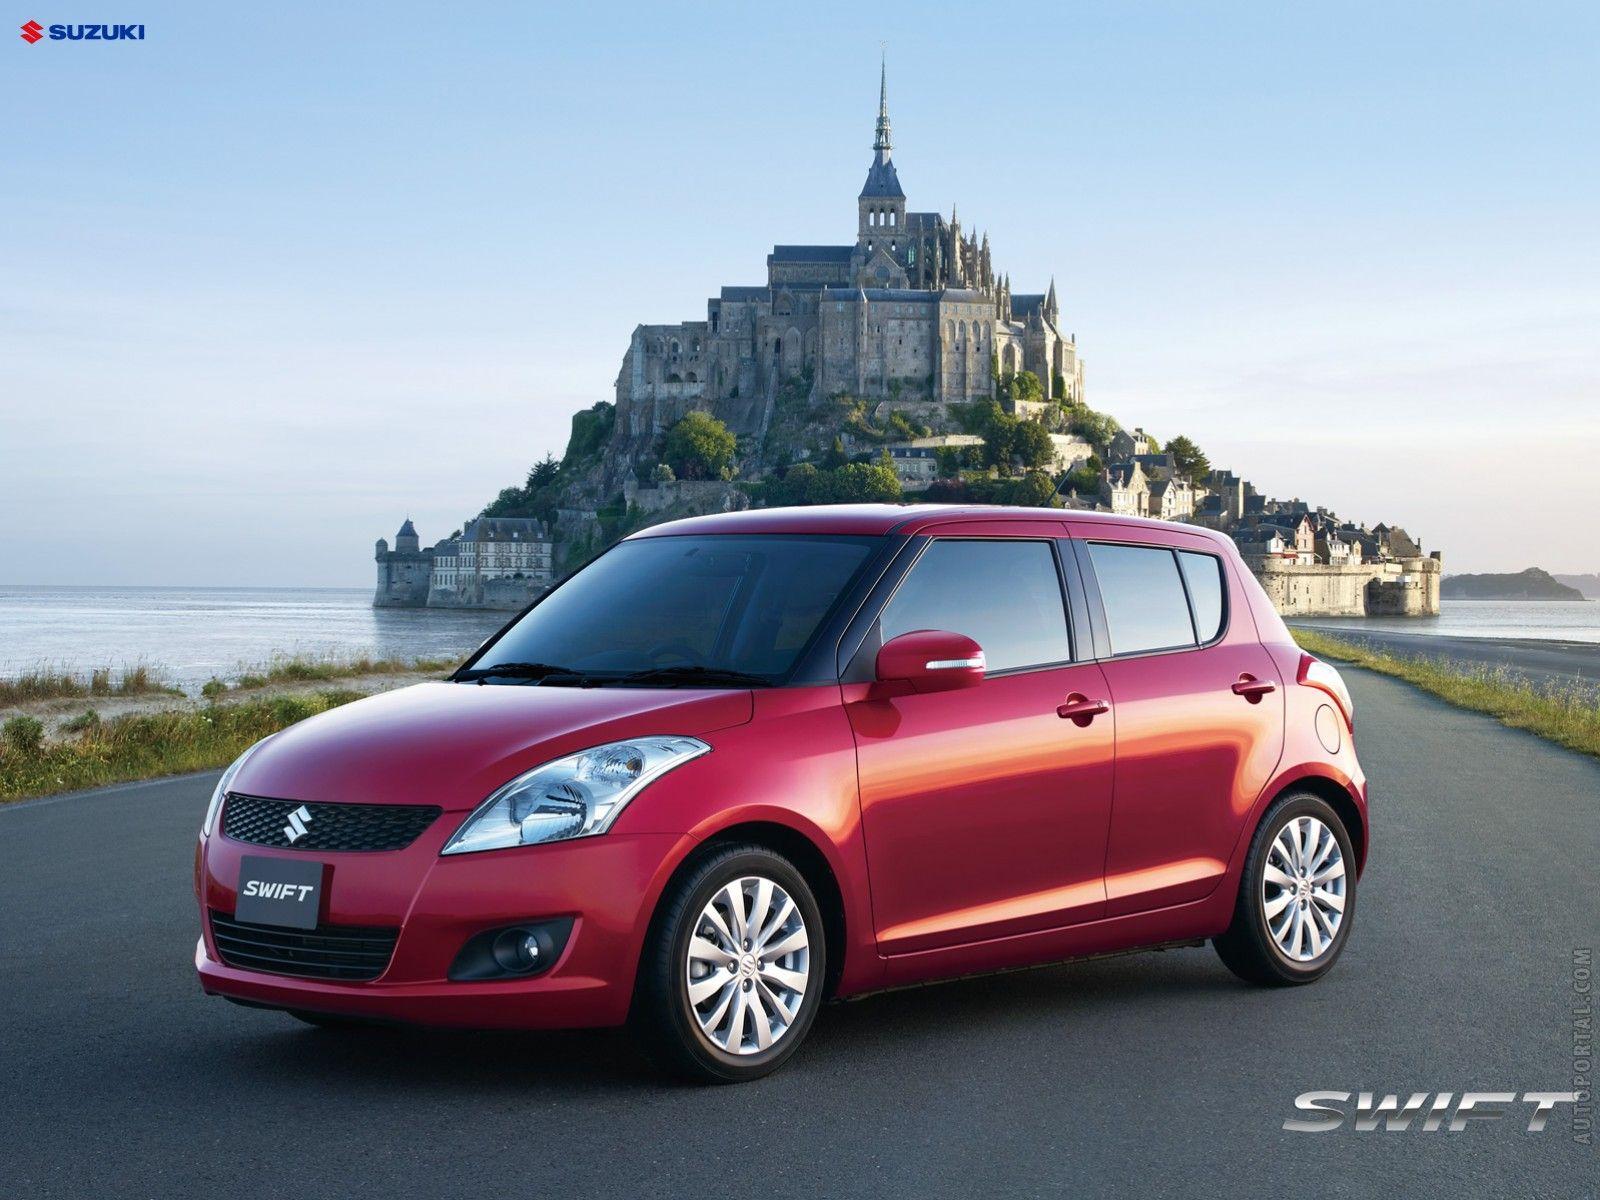 Maruti Suzuki Splash Wallpaper Car Pictures Suzuki Swift Buy Car Online New Cars